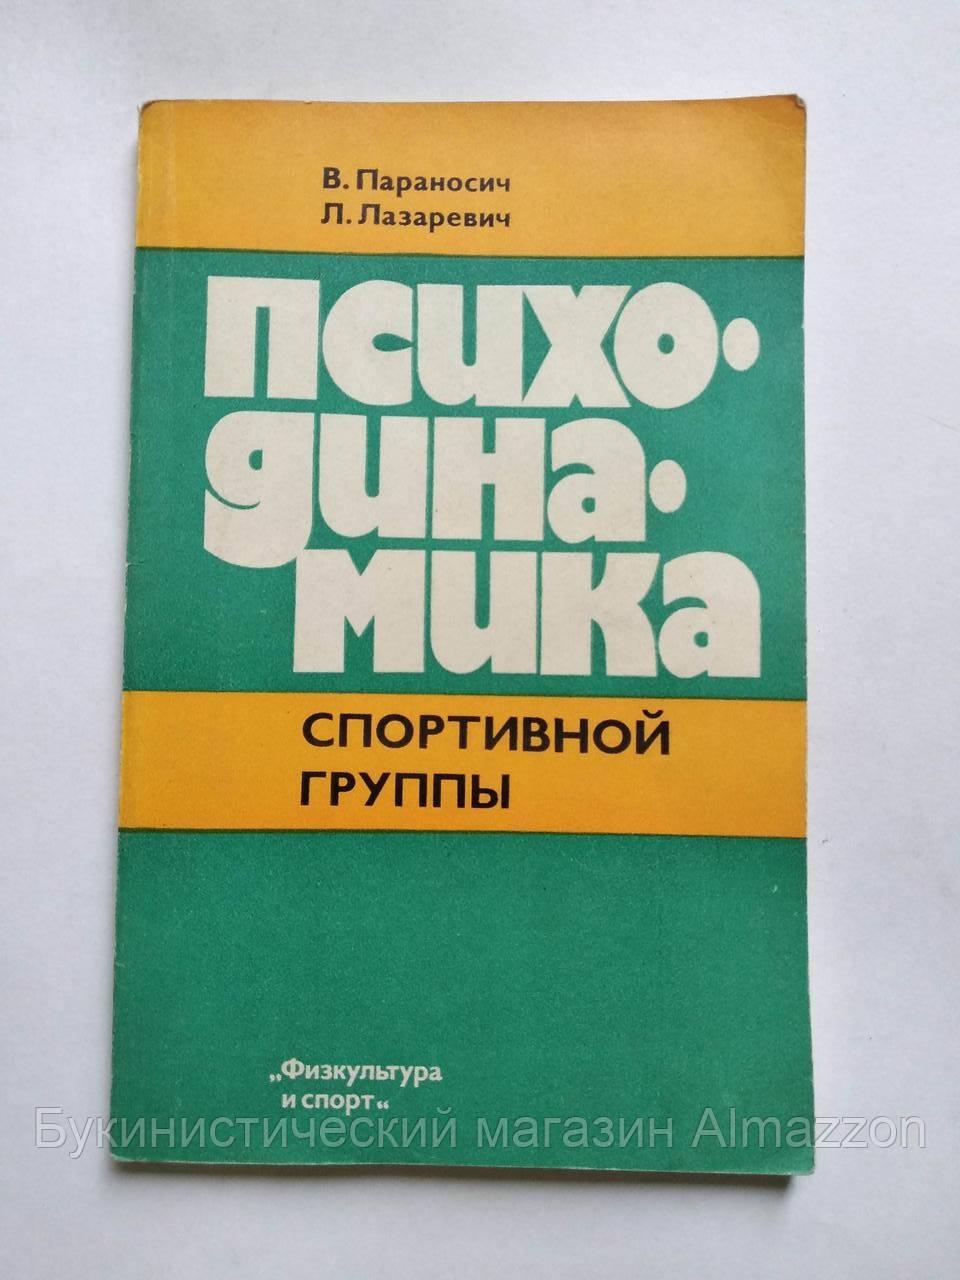 Псіходінаміка спортивної групи В. Параносич. Поради тренеру. 1977 рік